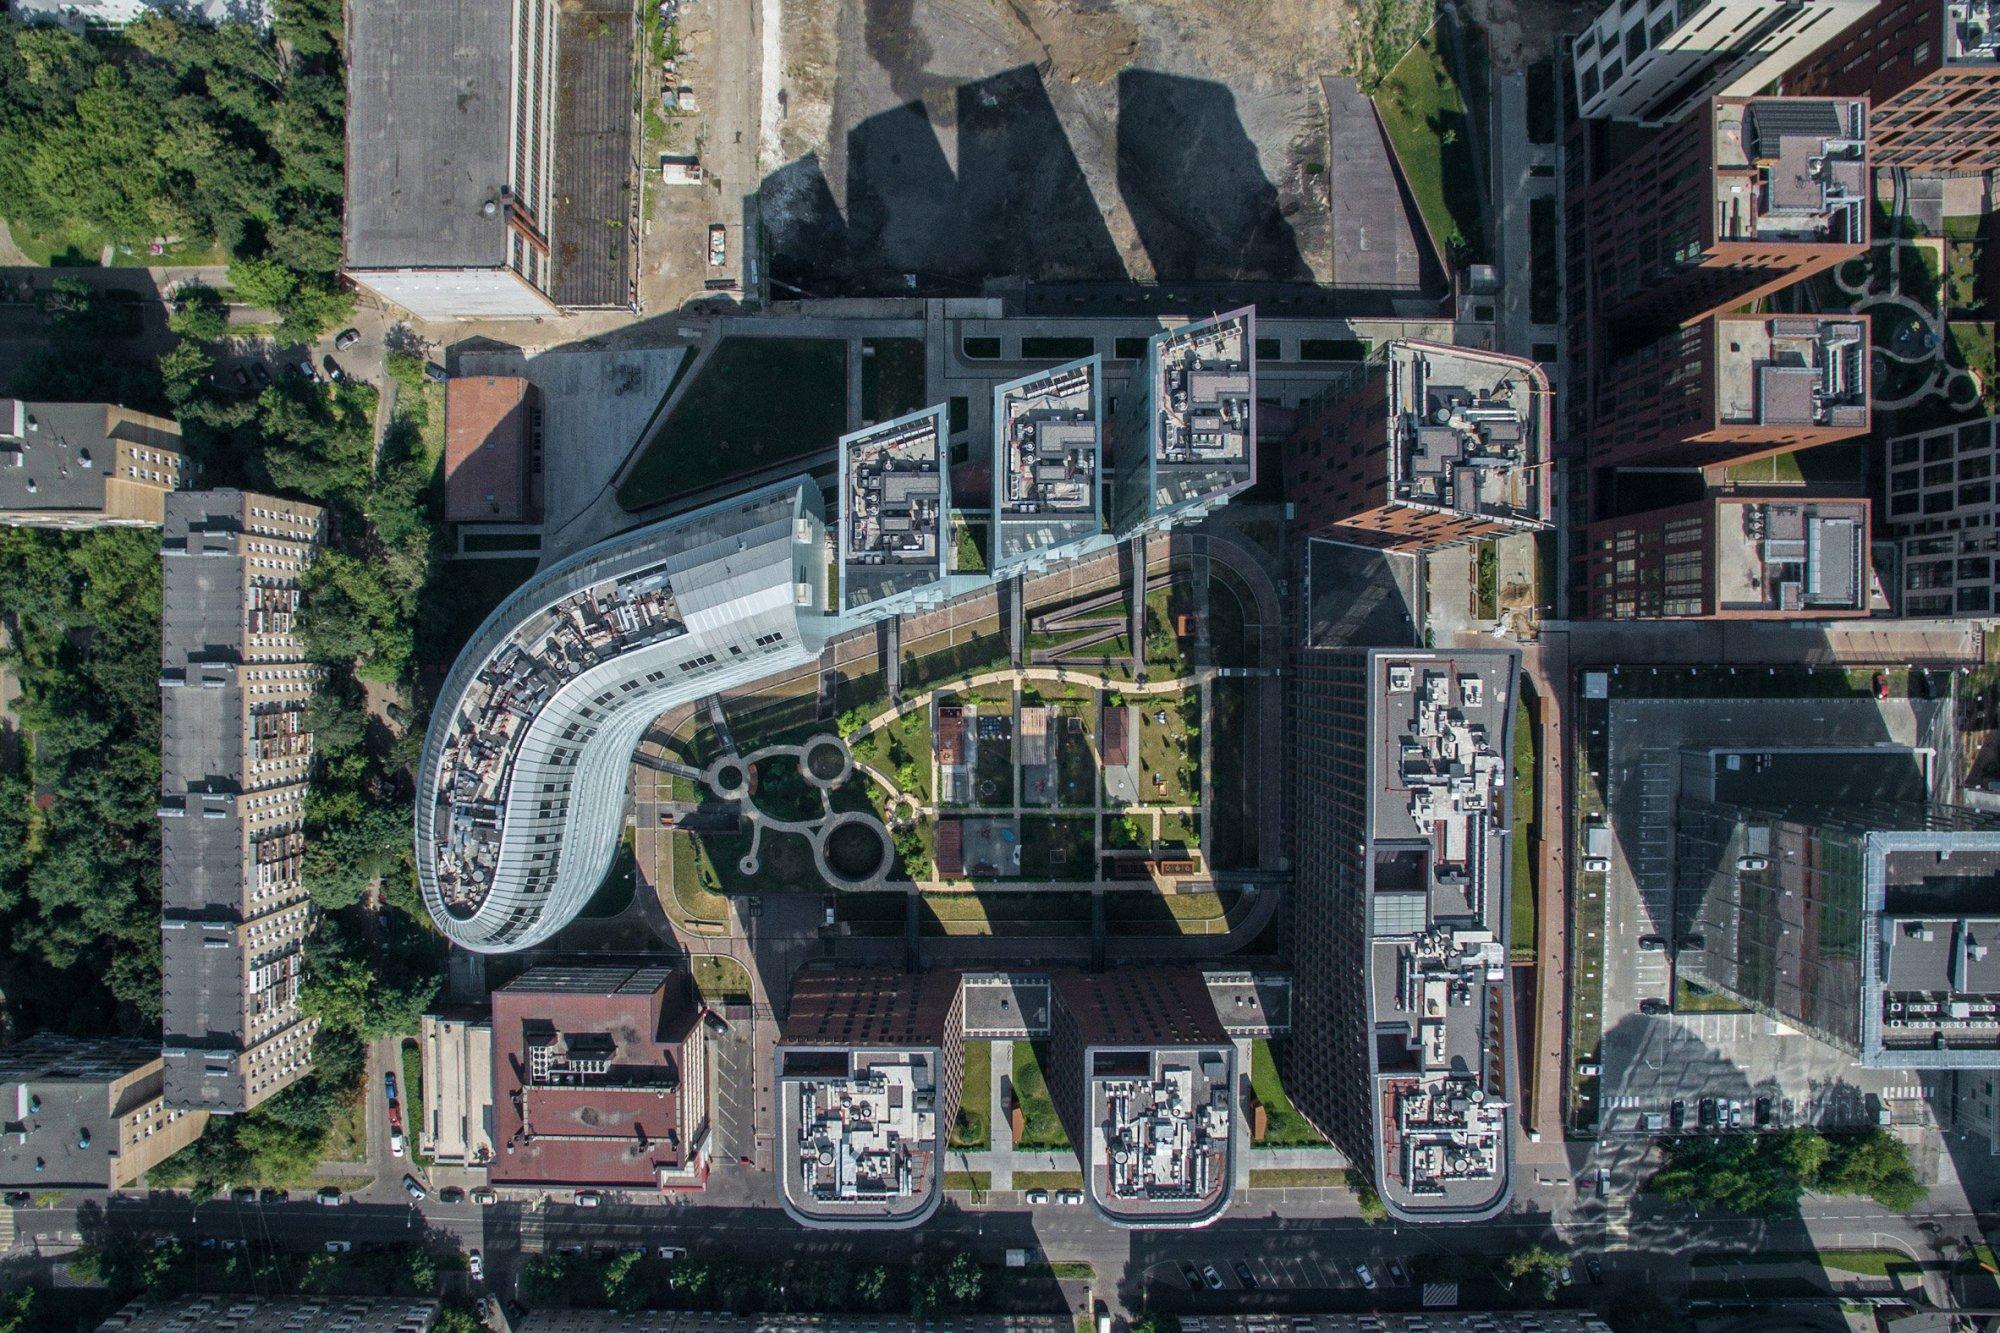 этом жилой комплекс с видом сверху картинки надписью выкинуть головы